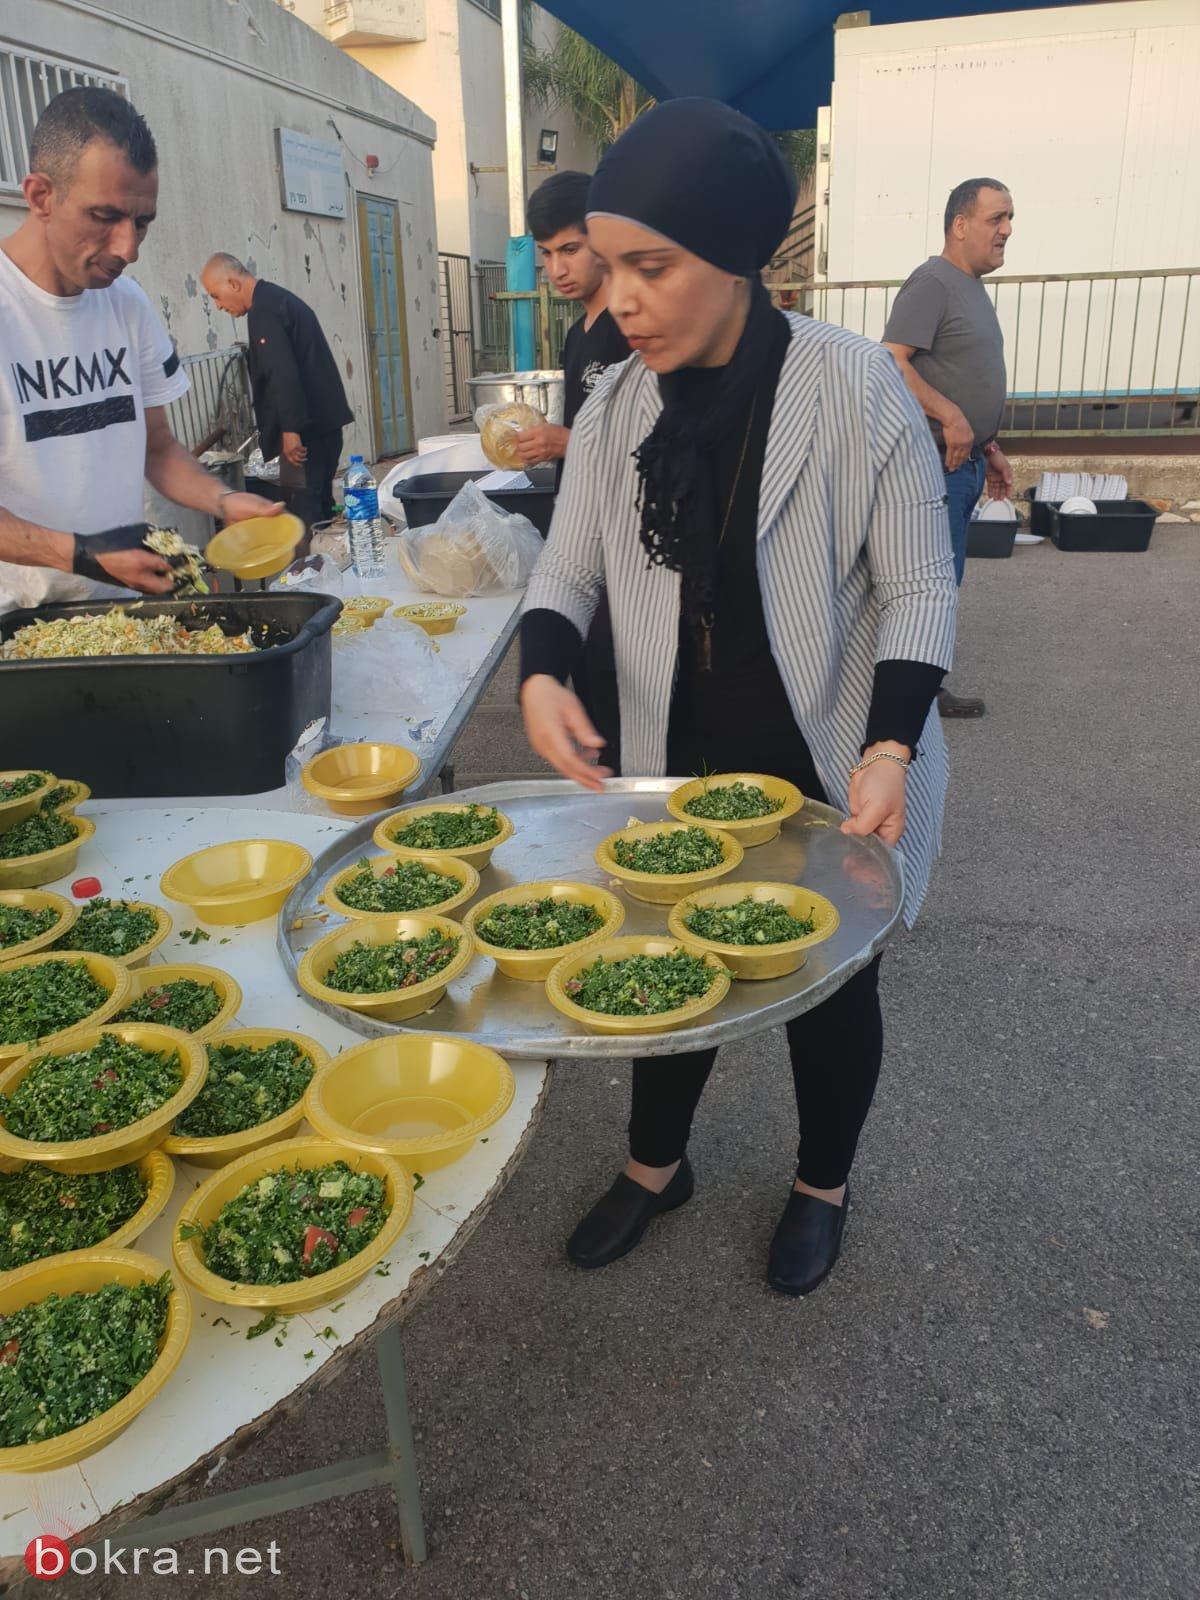 افطار جماعي وامسية رمضانية مهيبة في رحاب المدرسة الابتدائية نين